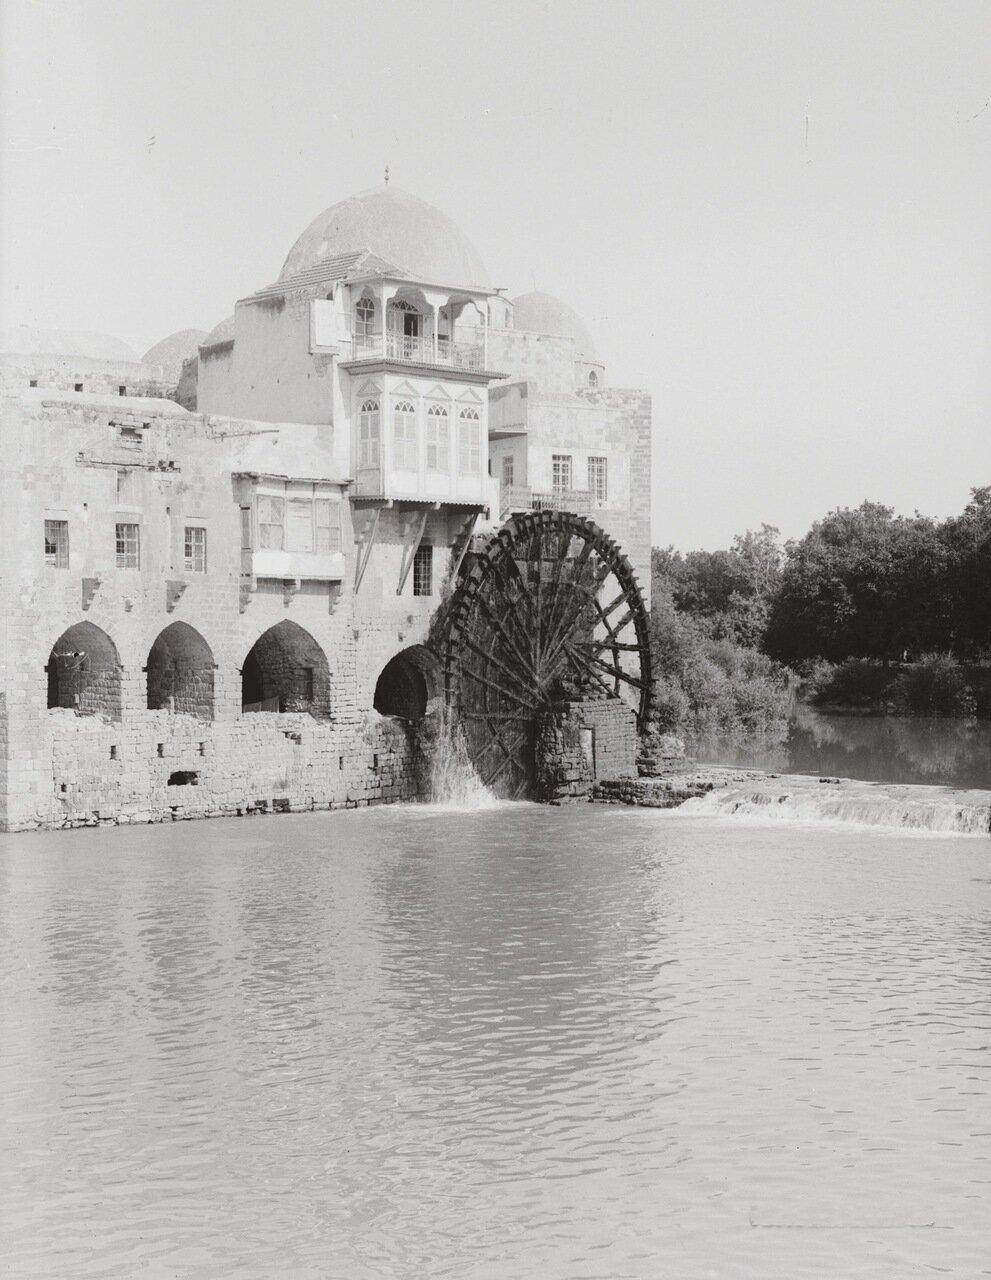 Водяное колесо. Хама, Сирия. 1900-1920 гг.